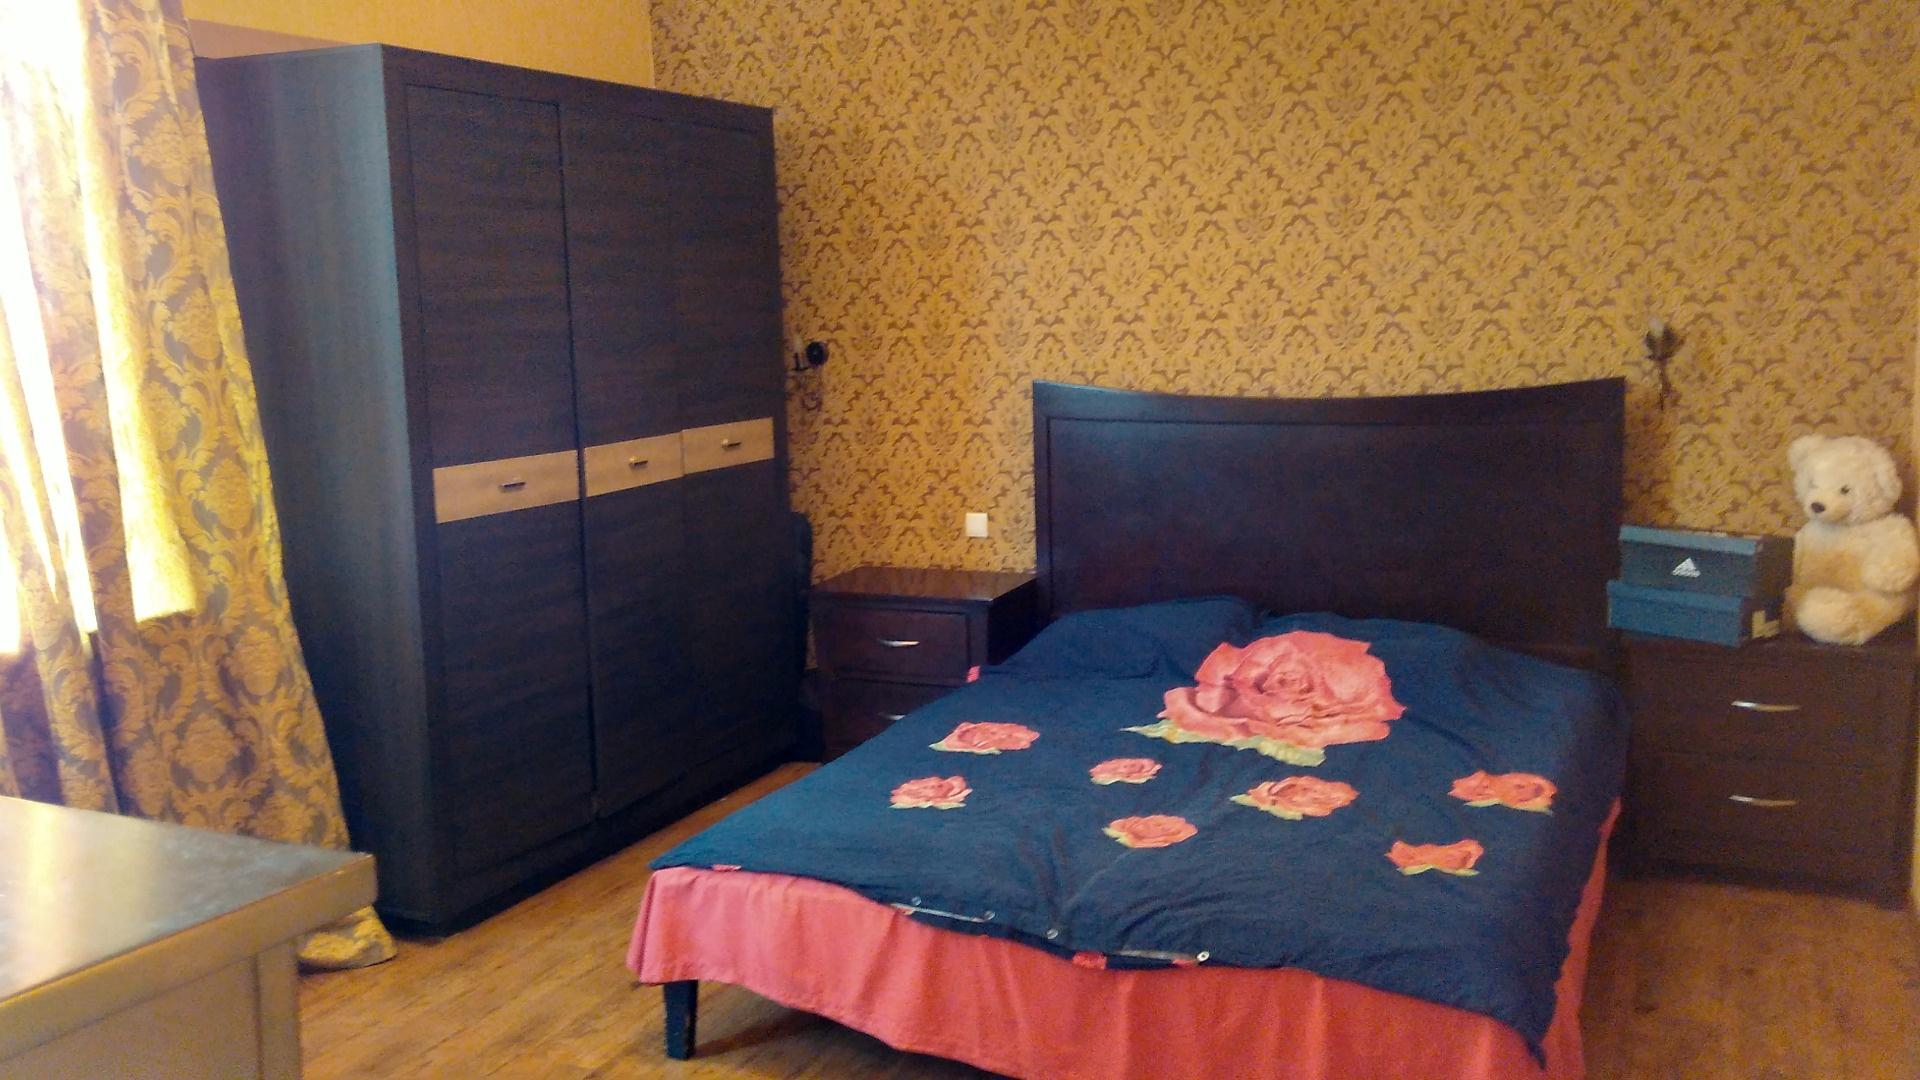 Продается 3-комнатная квартира на ул. Малая Арнаутская (Воровского) — 130 000 у.е. (фото №10)